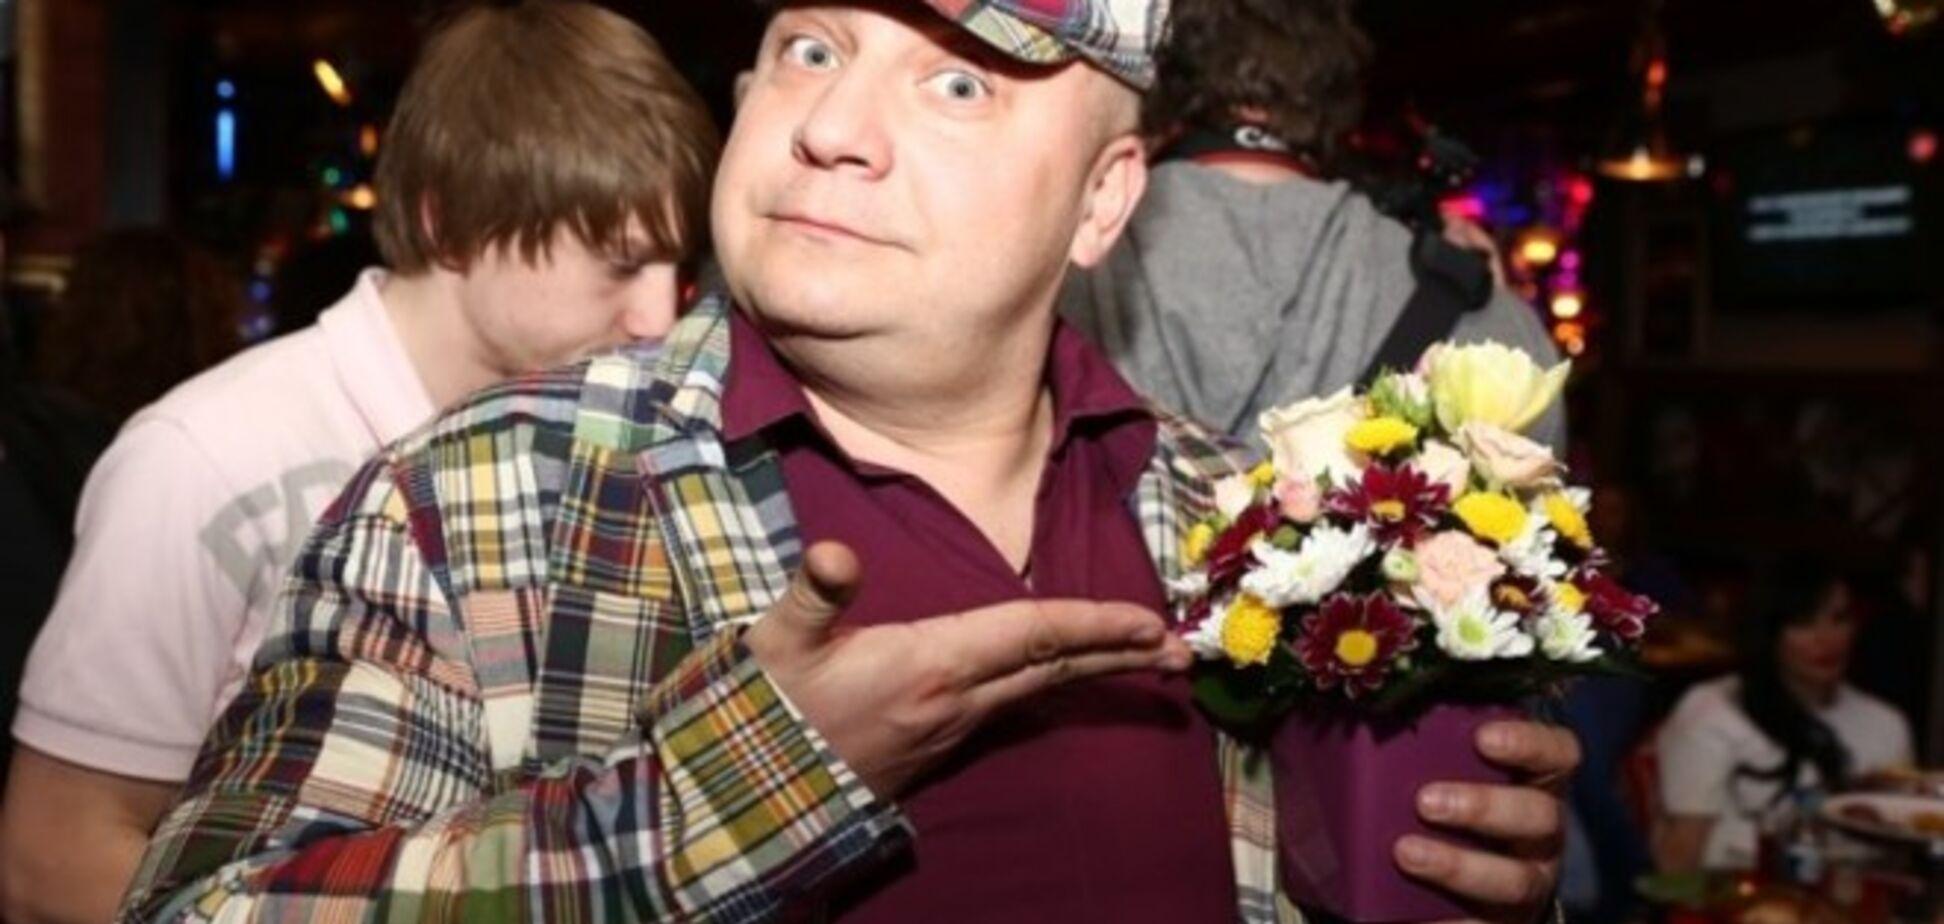 С Галибиным простятся в среду в Киеве, а похоронят его в четверг в Кривом Роге